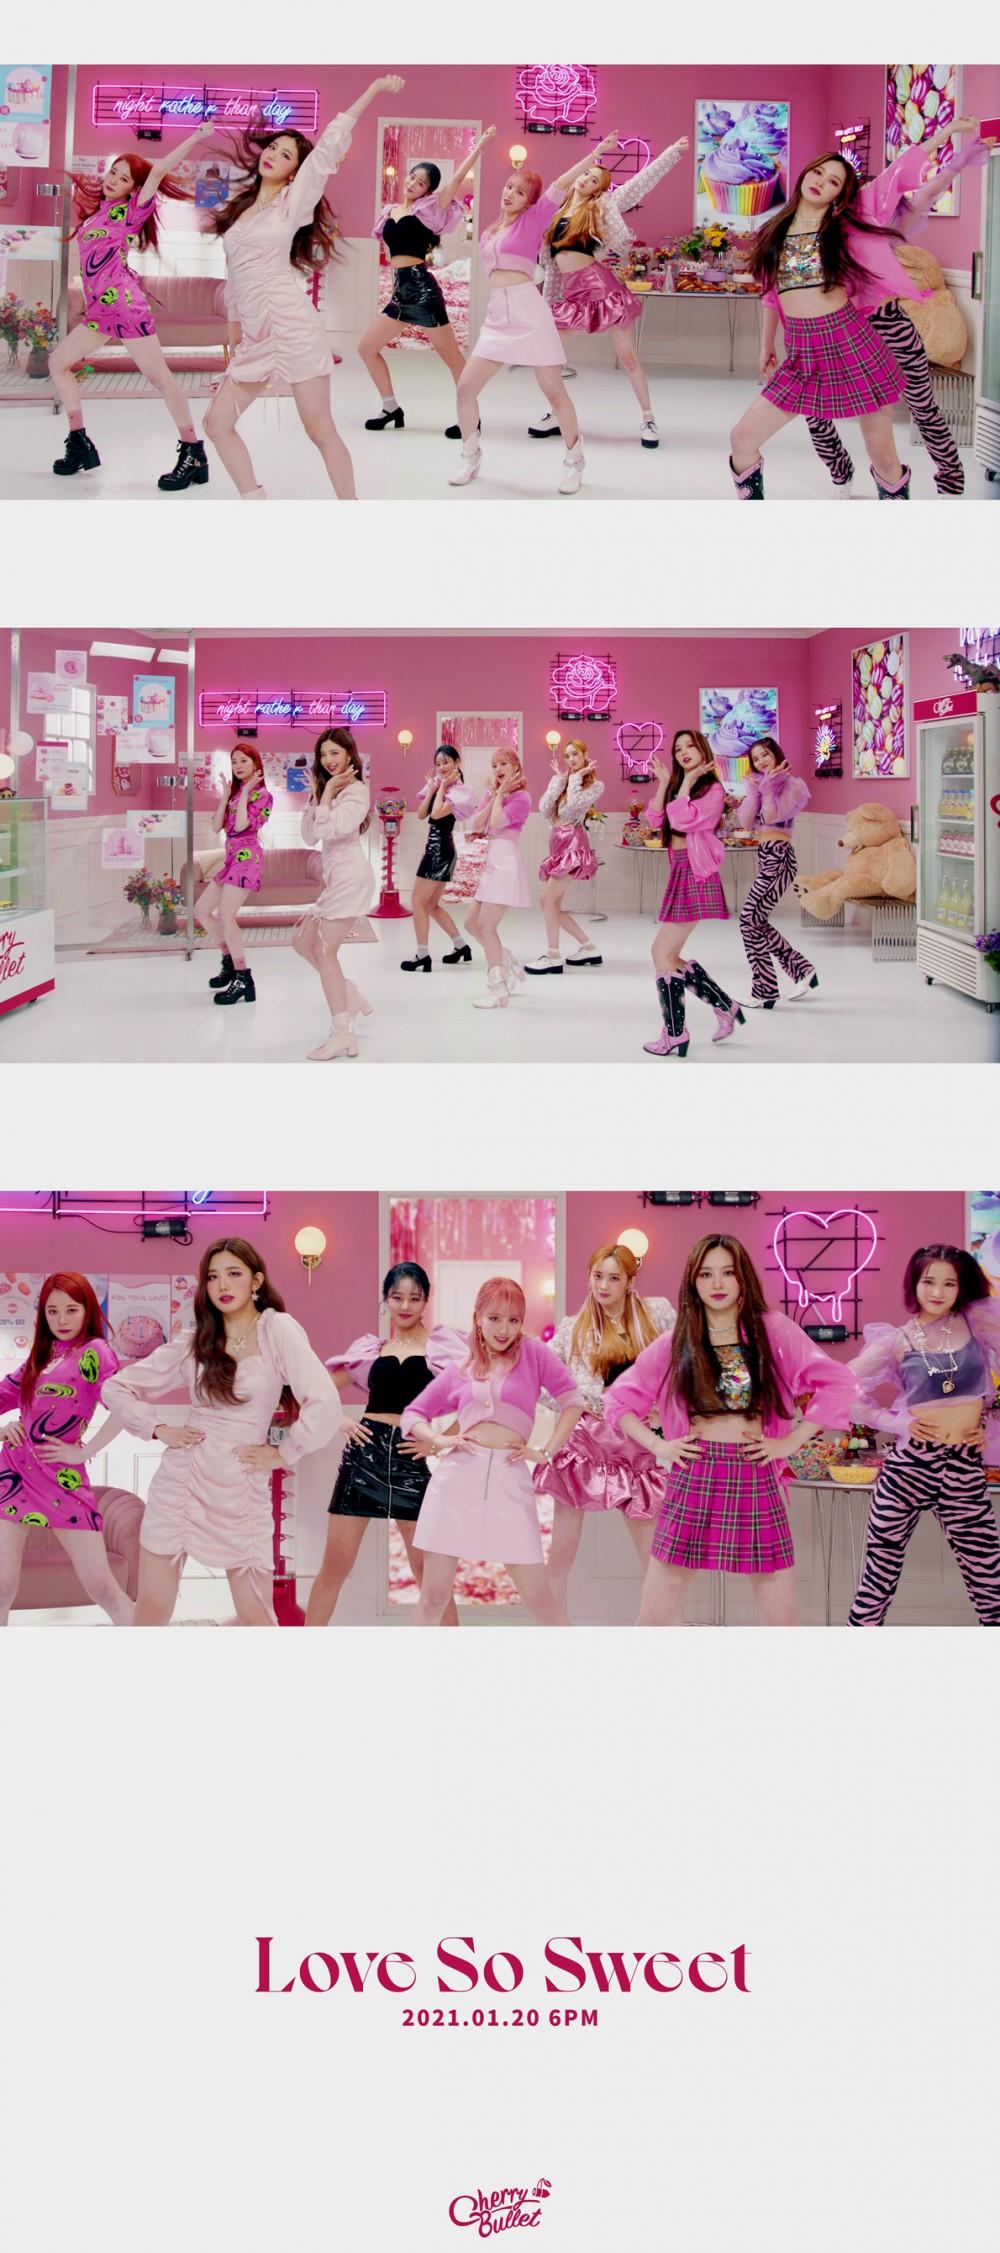 체리블렛, 신곡 'Love So Sweet' MV 티저 공개.. 20일 오후 6시 발매...